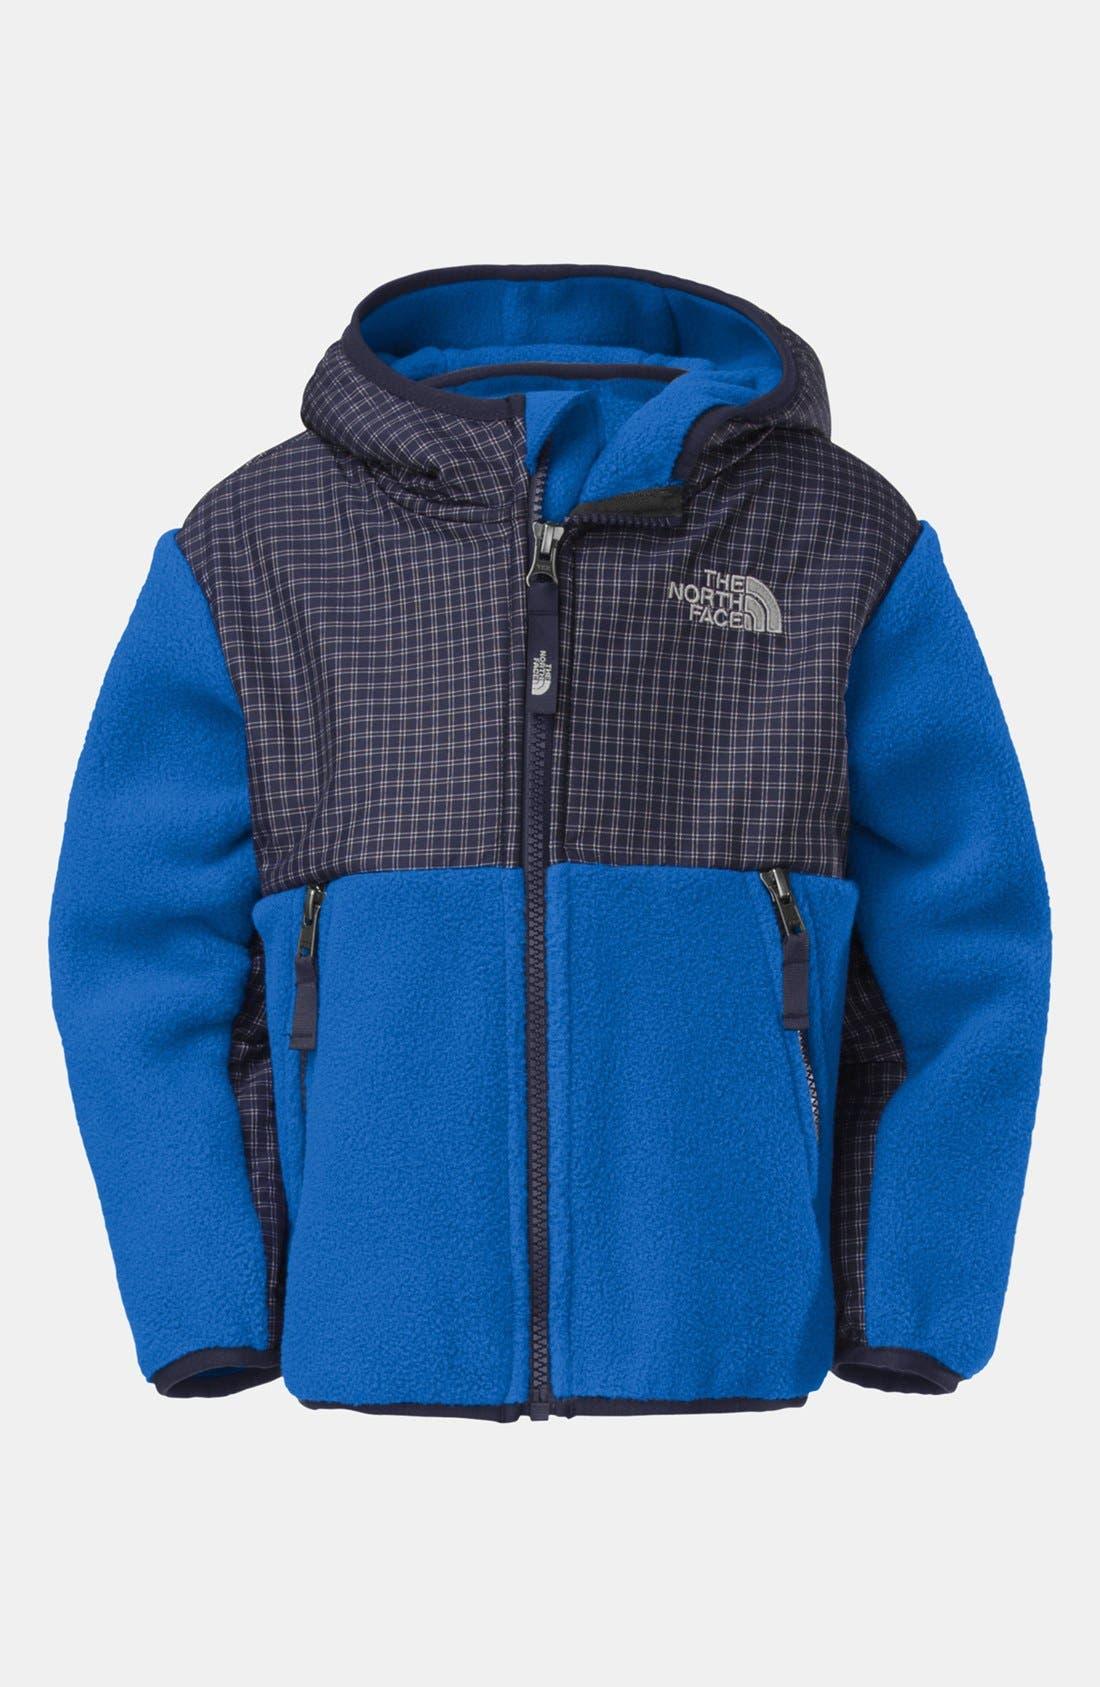 Alternate Image 1 Selected - The North Face 'Denali' Polartec® Fleece Hoodie (Toddler Boys)